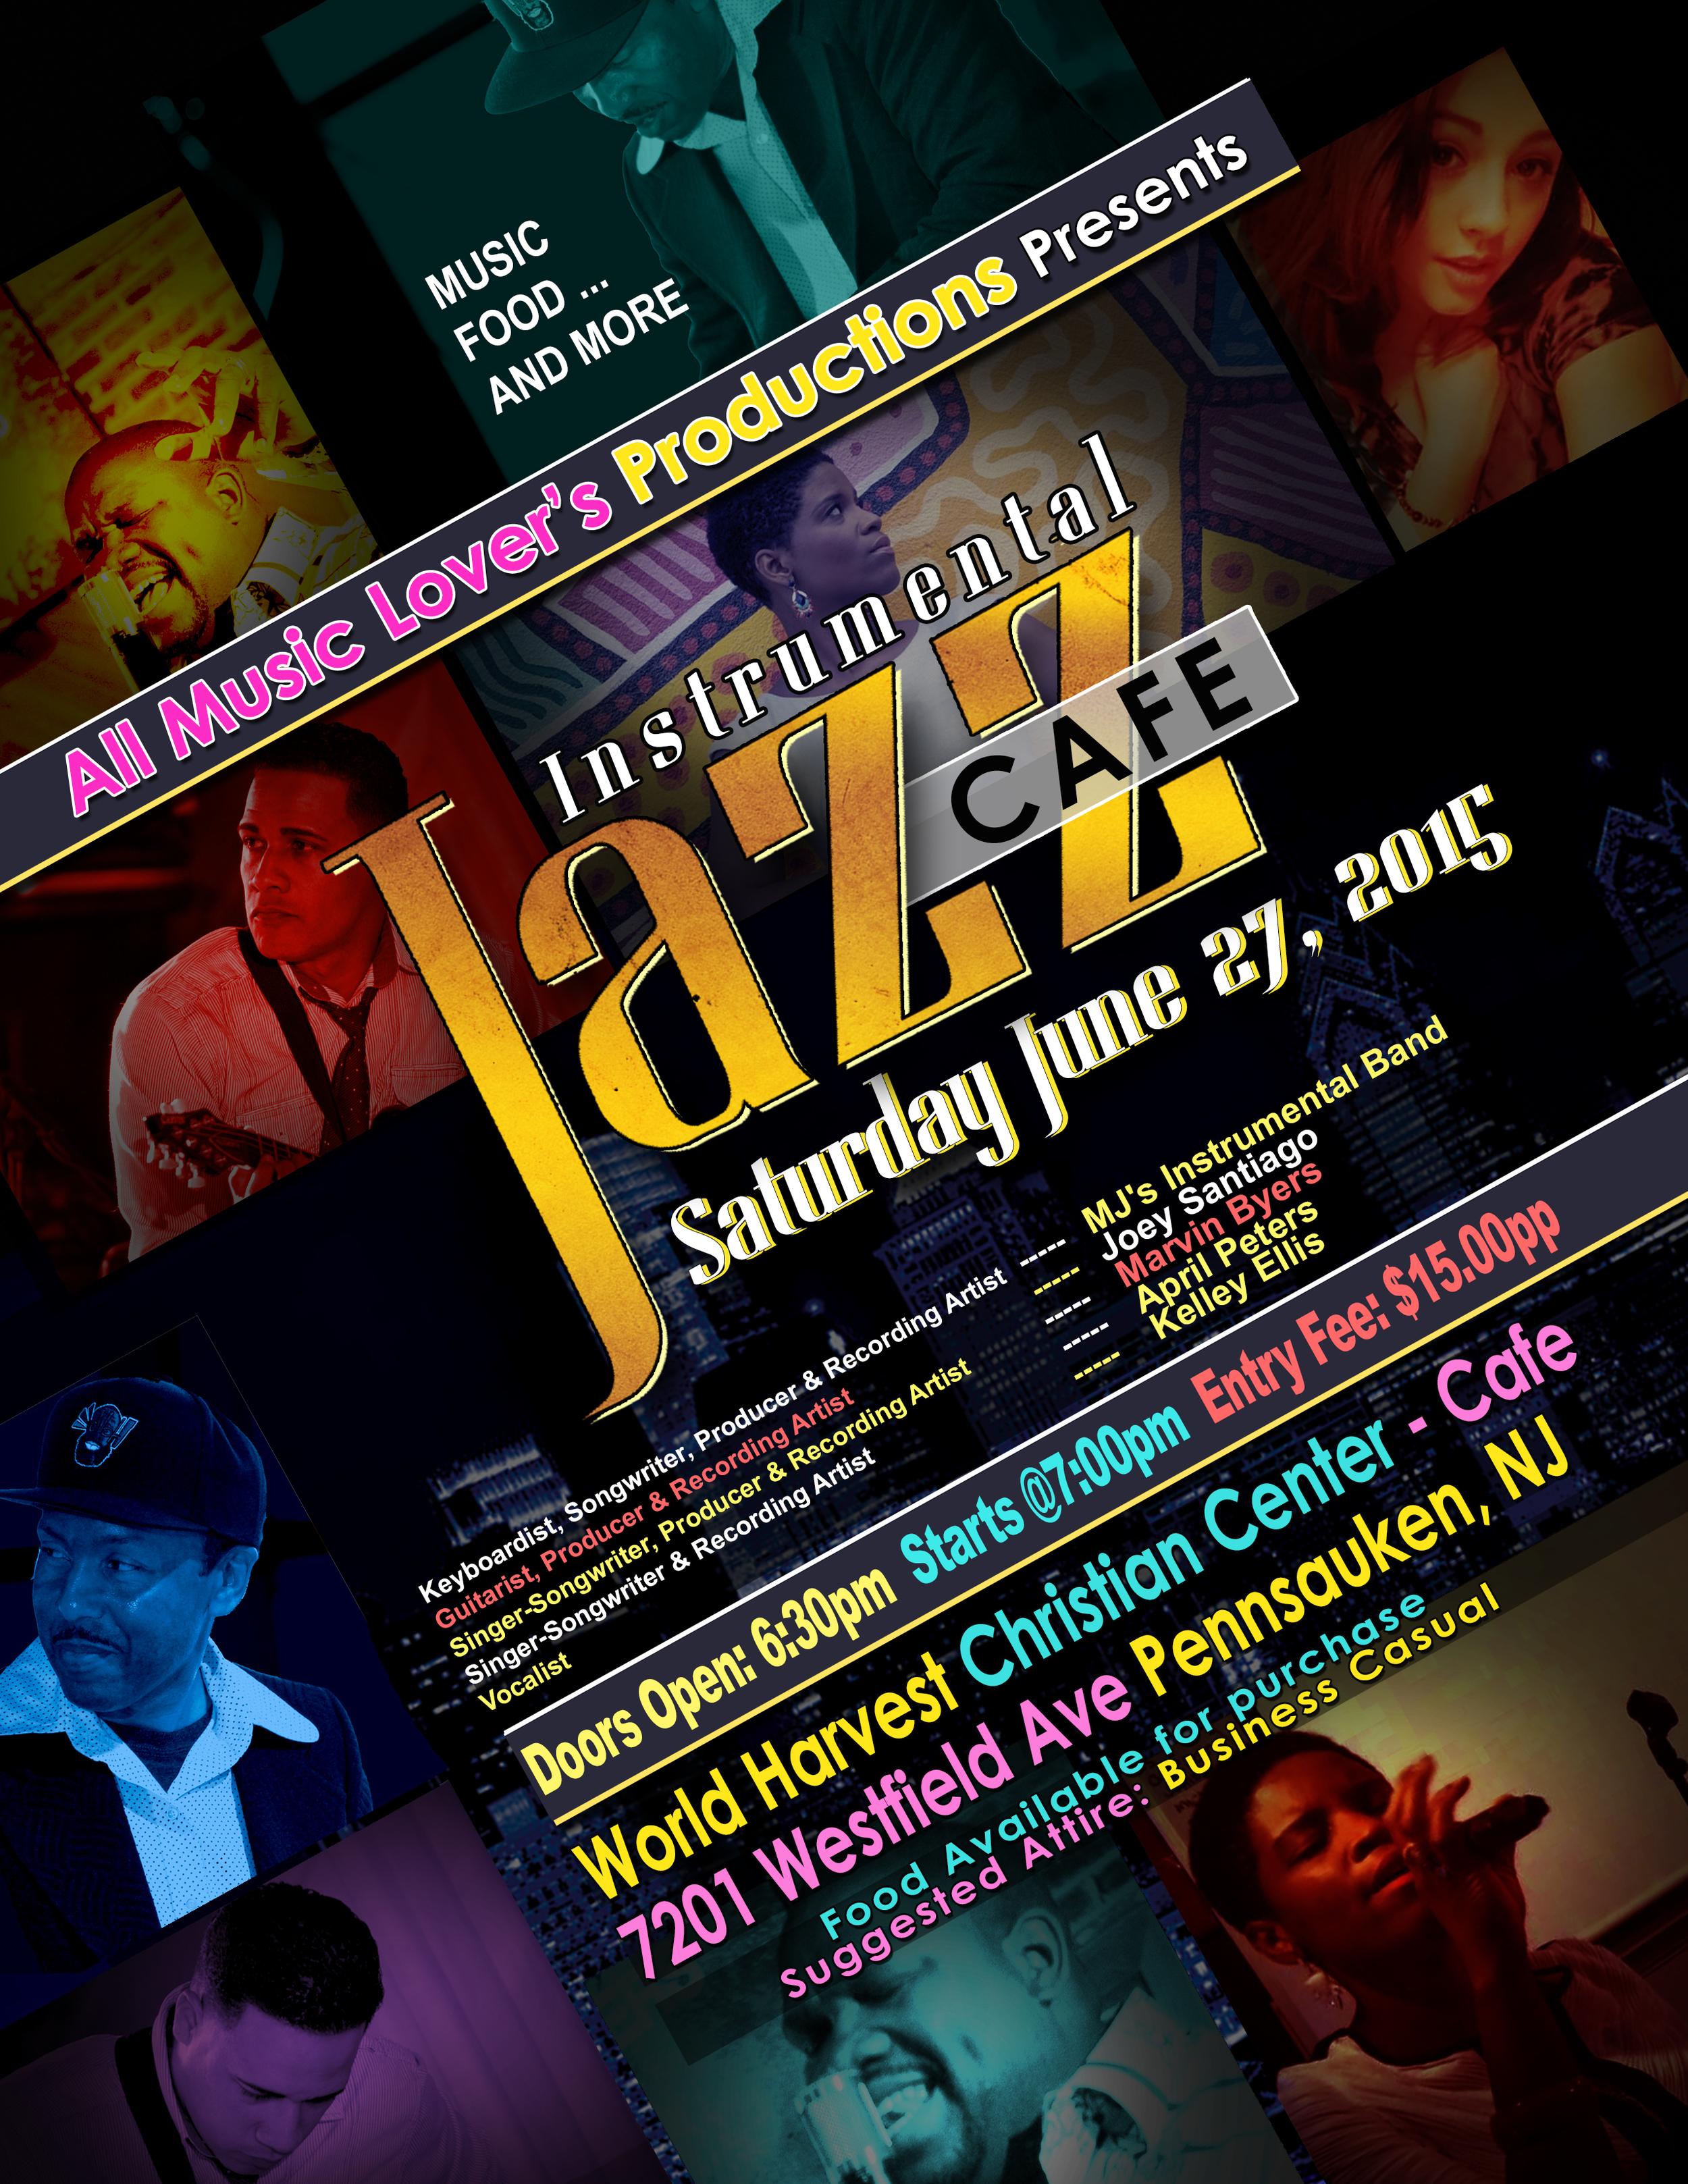 Jazz Cafe June revised.jpg